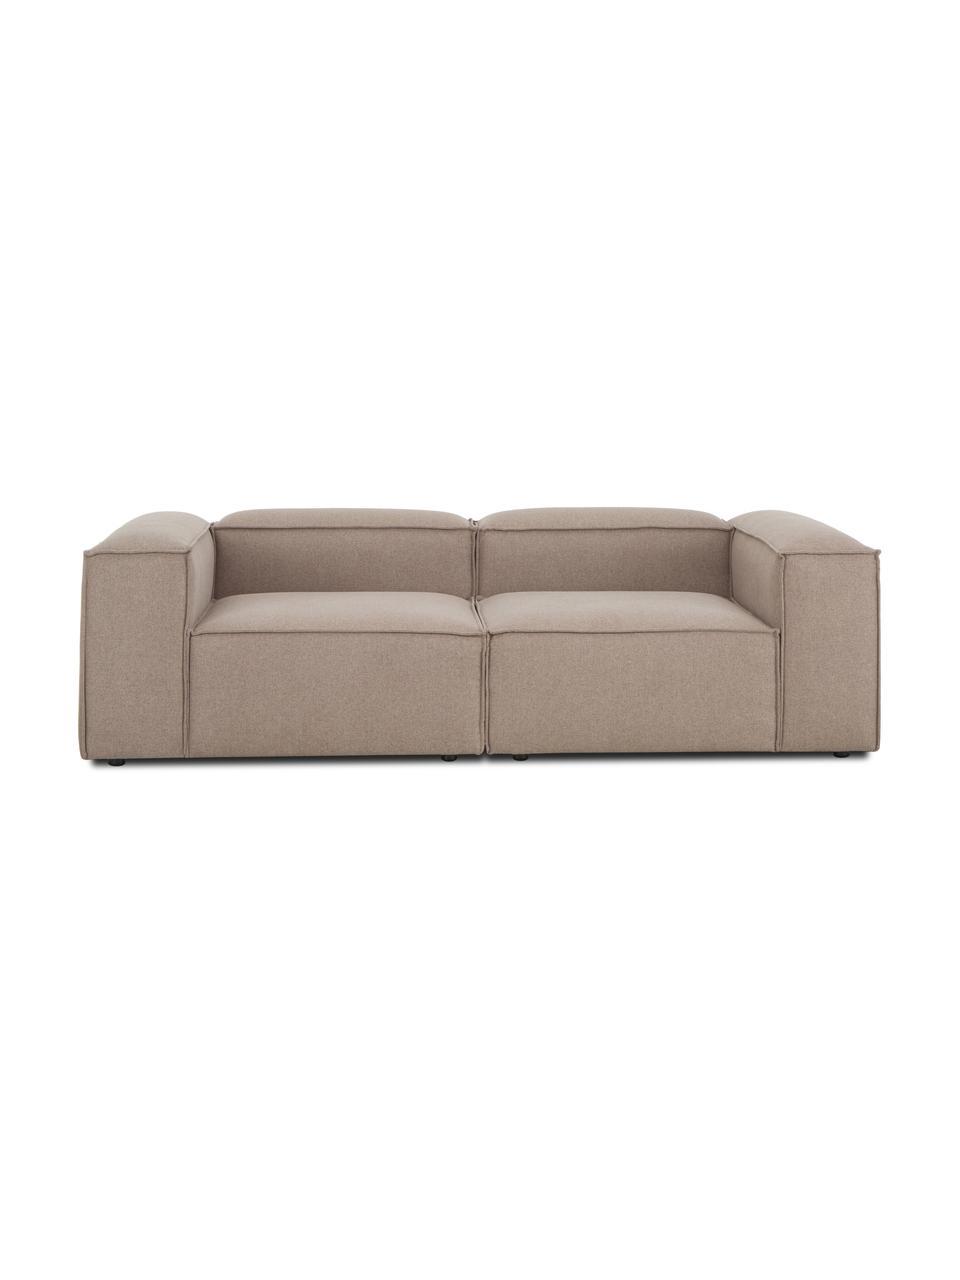 Sofa modułowa Lennon (3-osobowa), Tapicerka: 100% poliester Dzięki tka, Stelaż: lite drewno sosnowe, skle, Nogi: tworzywo sztuczne Nogi zn, Brązowy, S 238 x G 119 cm